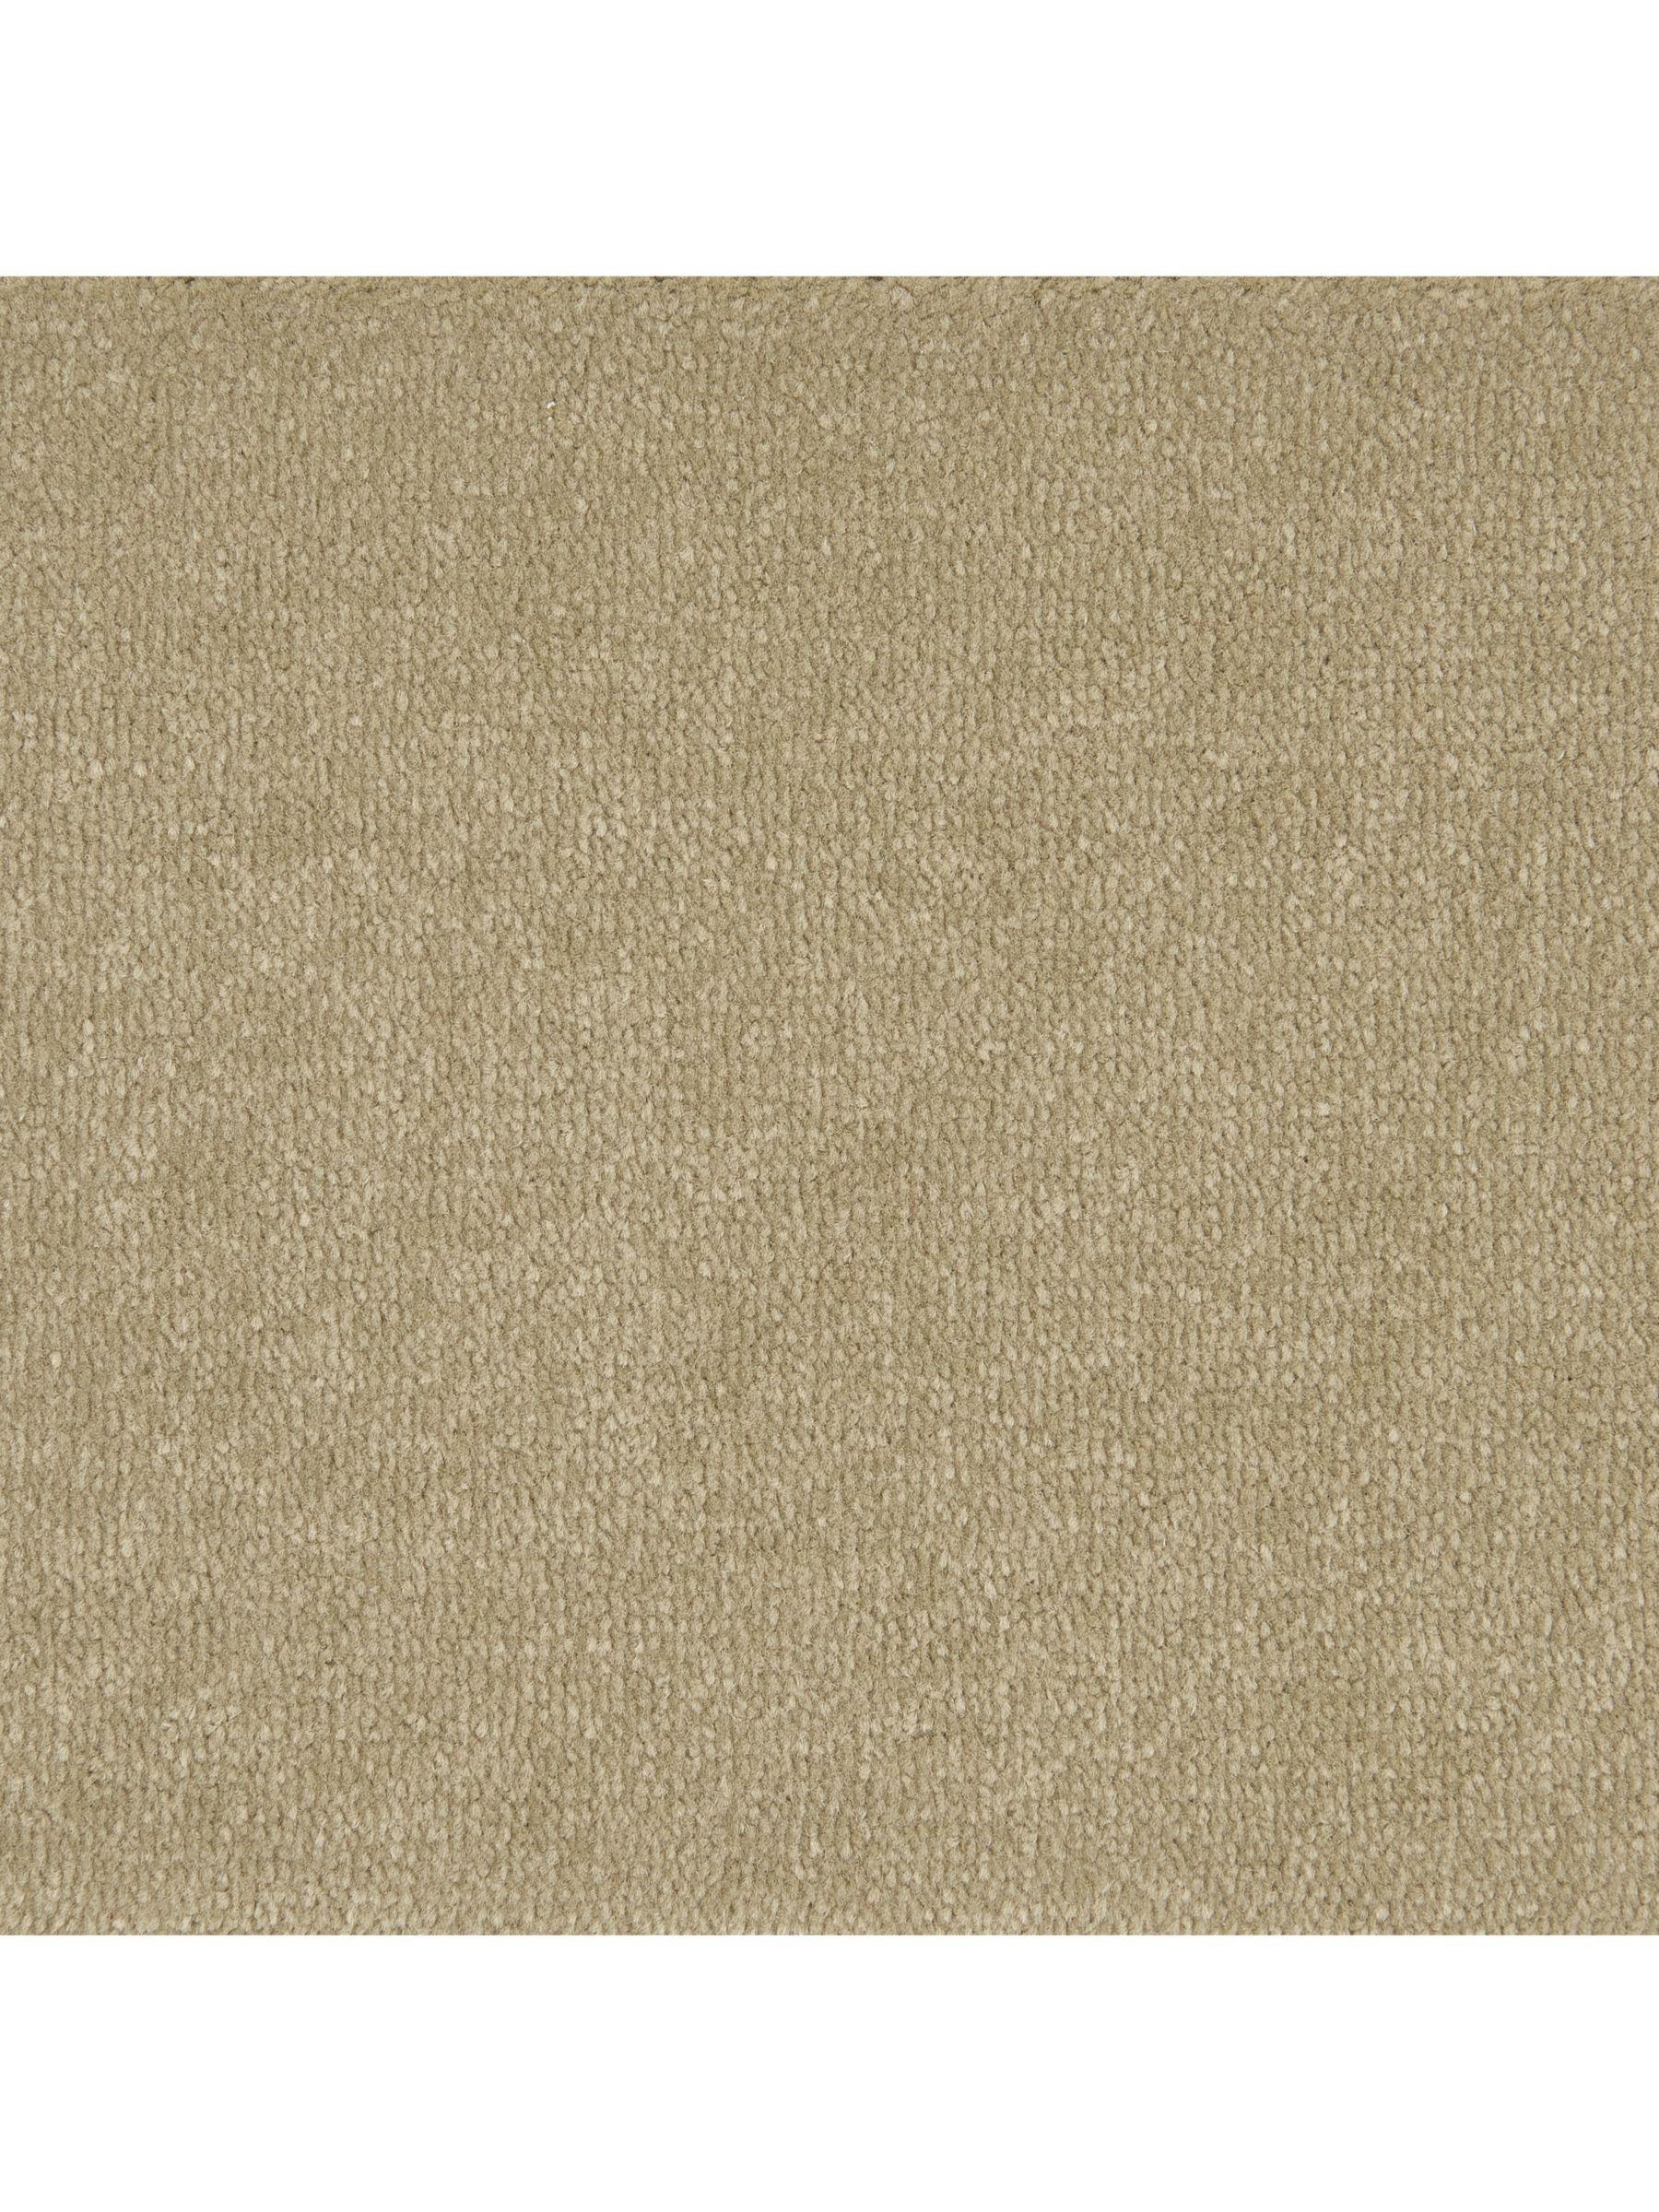 John Lewis Partners Matte Velvet Carpet Velvet Carpet Carpet Fitting Cost Of Carpet